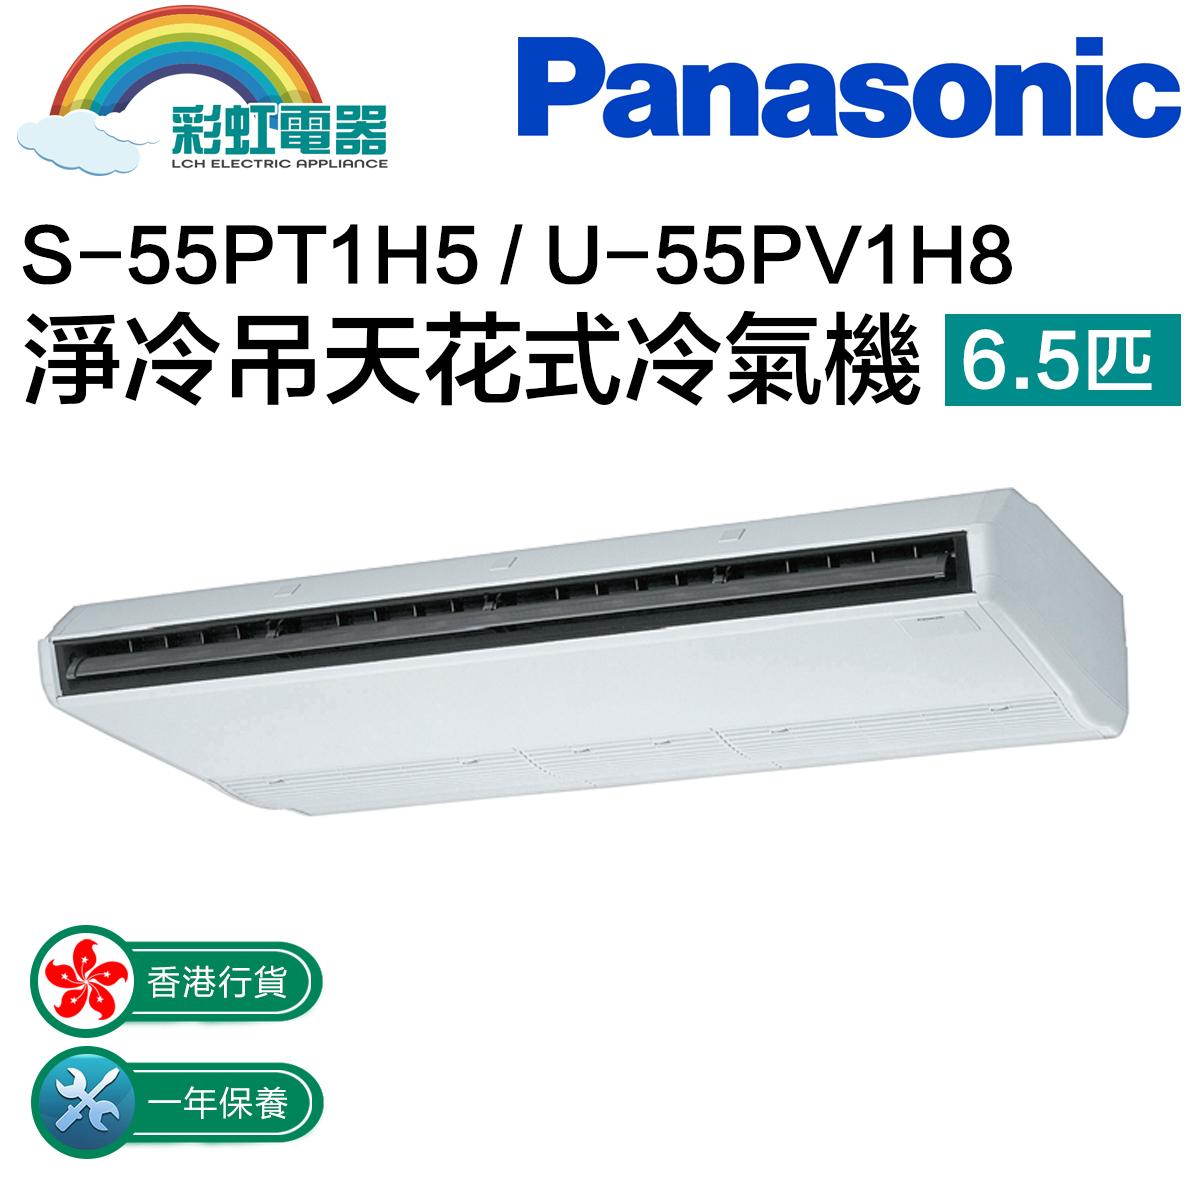 S-55PT1H5/U-55PV1H8 淨冷吊天花式冷氣機 6.5匹(有線/無線搖控器)